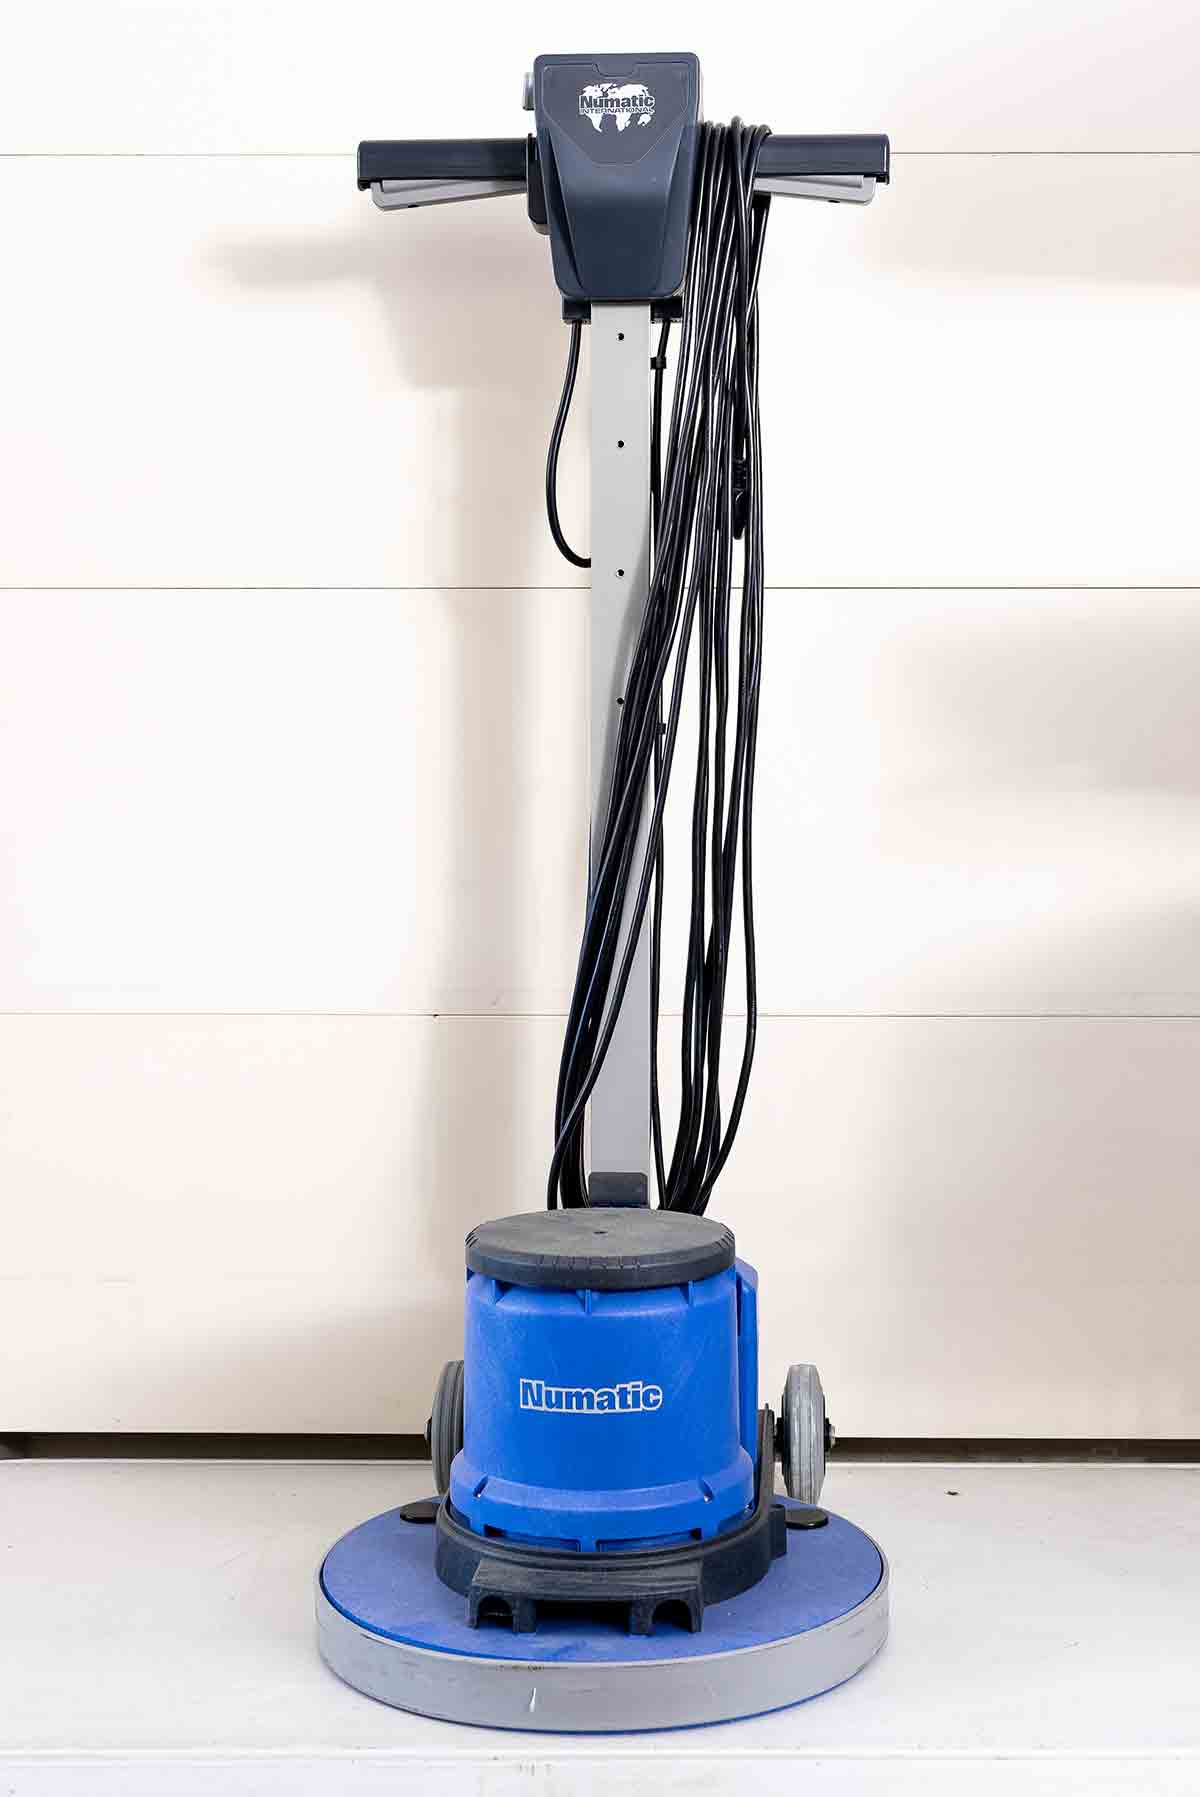 Numatic Hfm1515 Floor Machine 230v Elswoods Direct